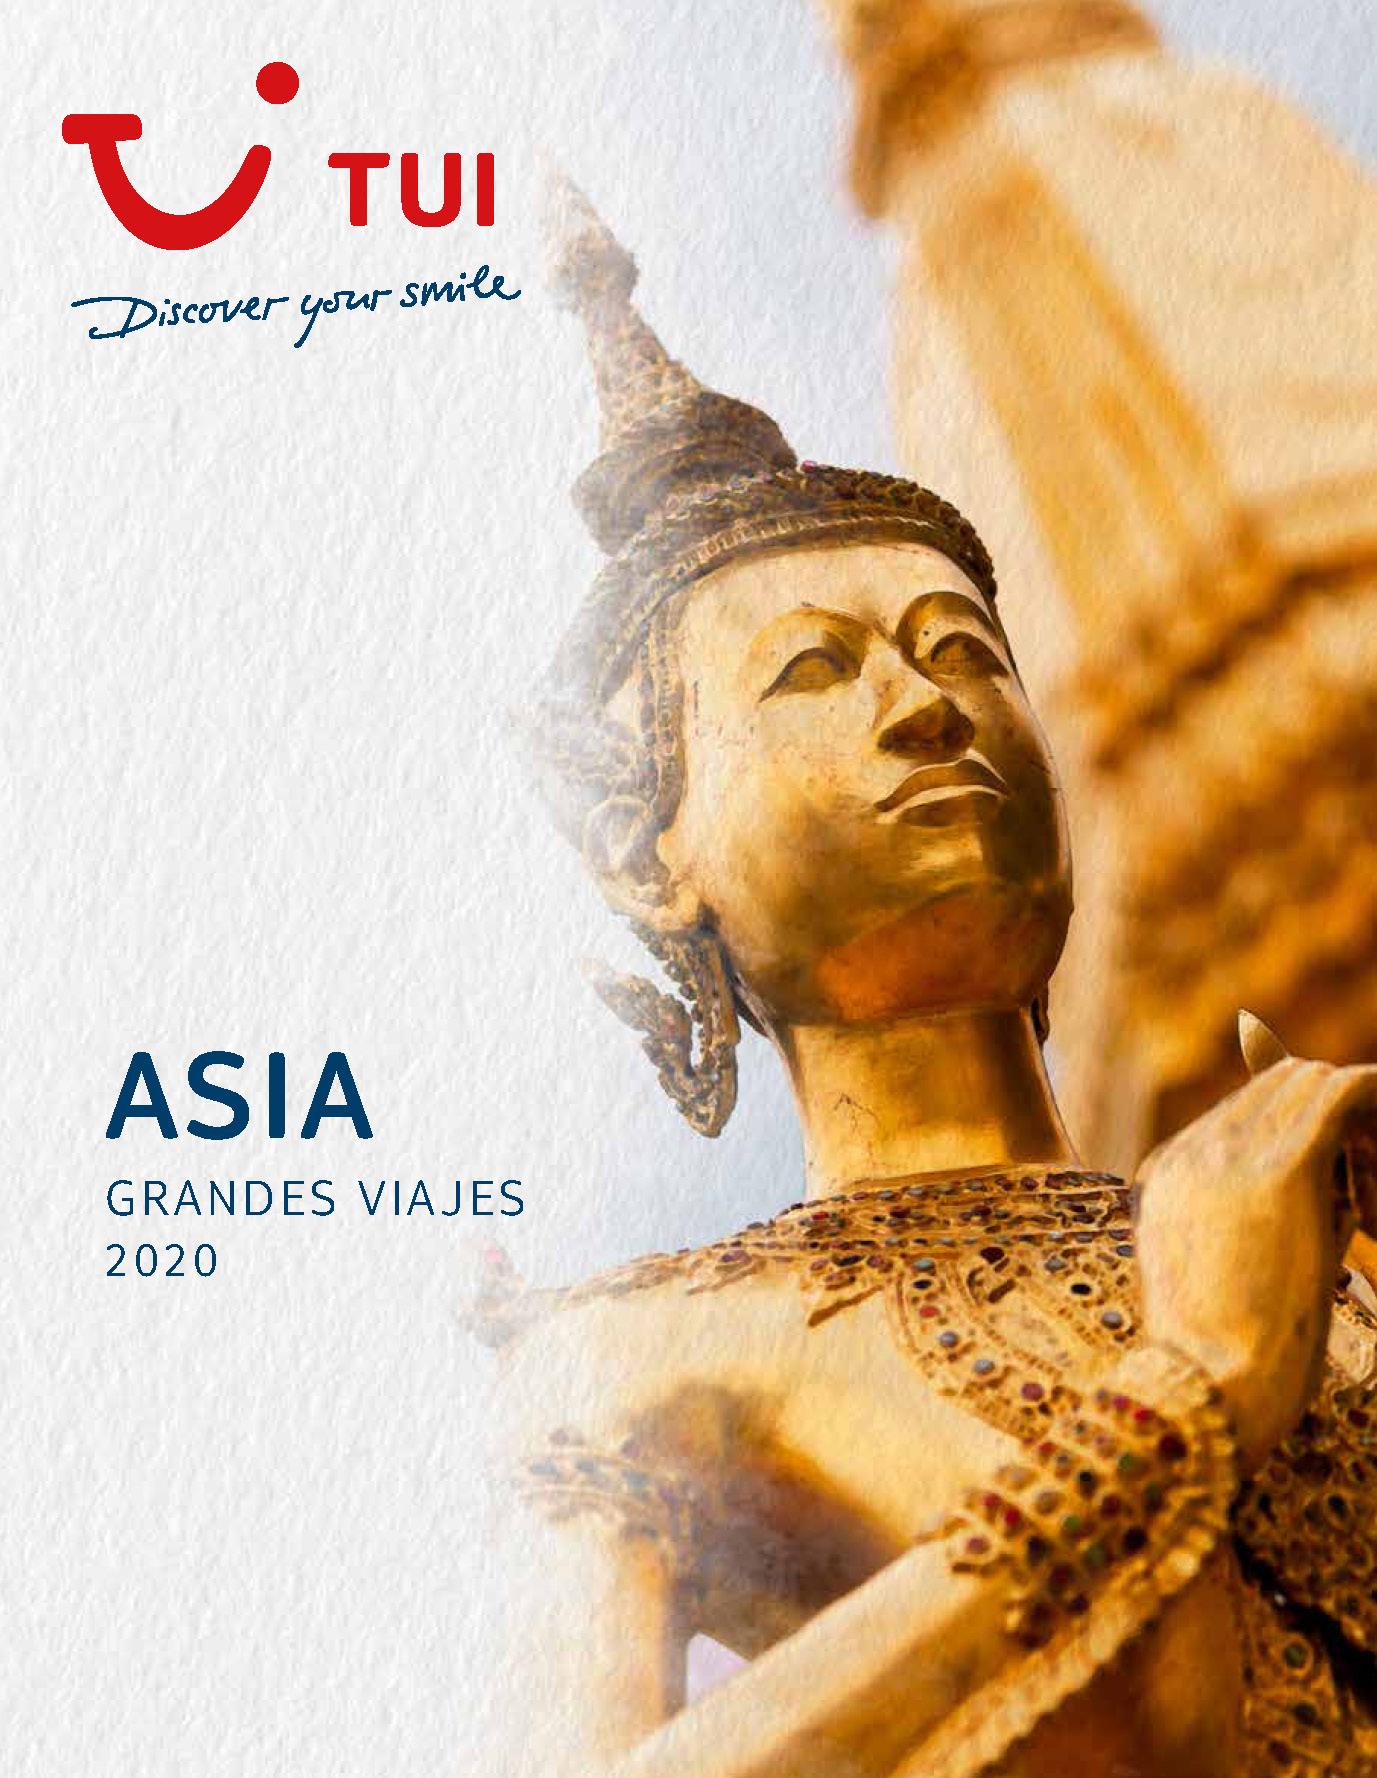 Catalogo TUI Asia 2020